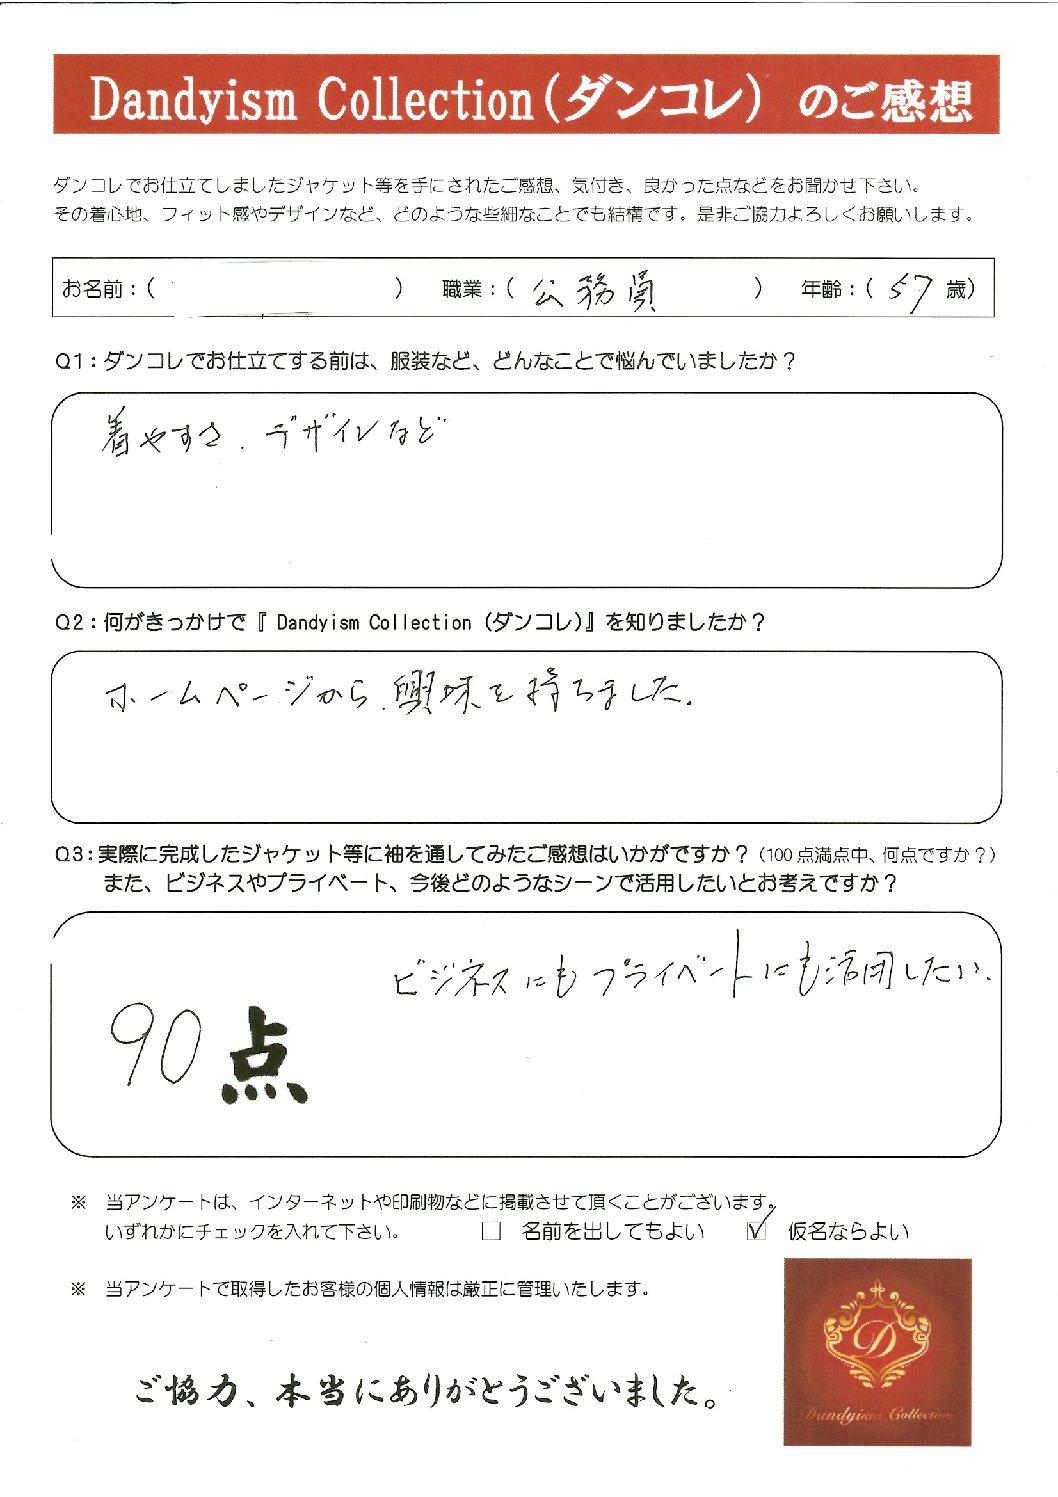 F様(公務員 57歳)